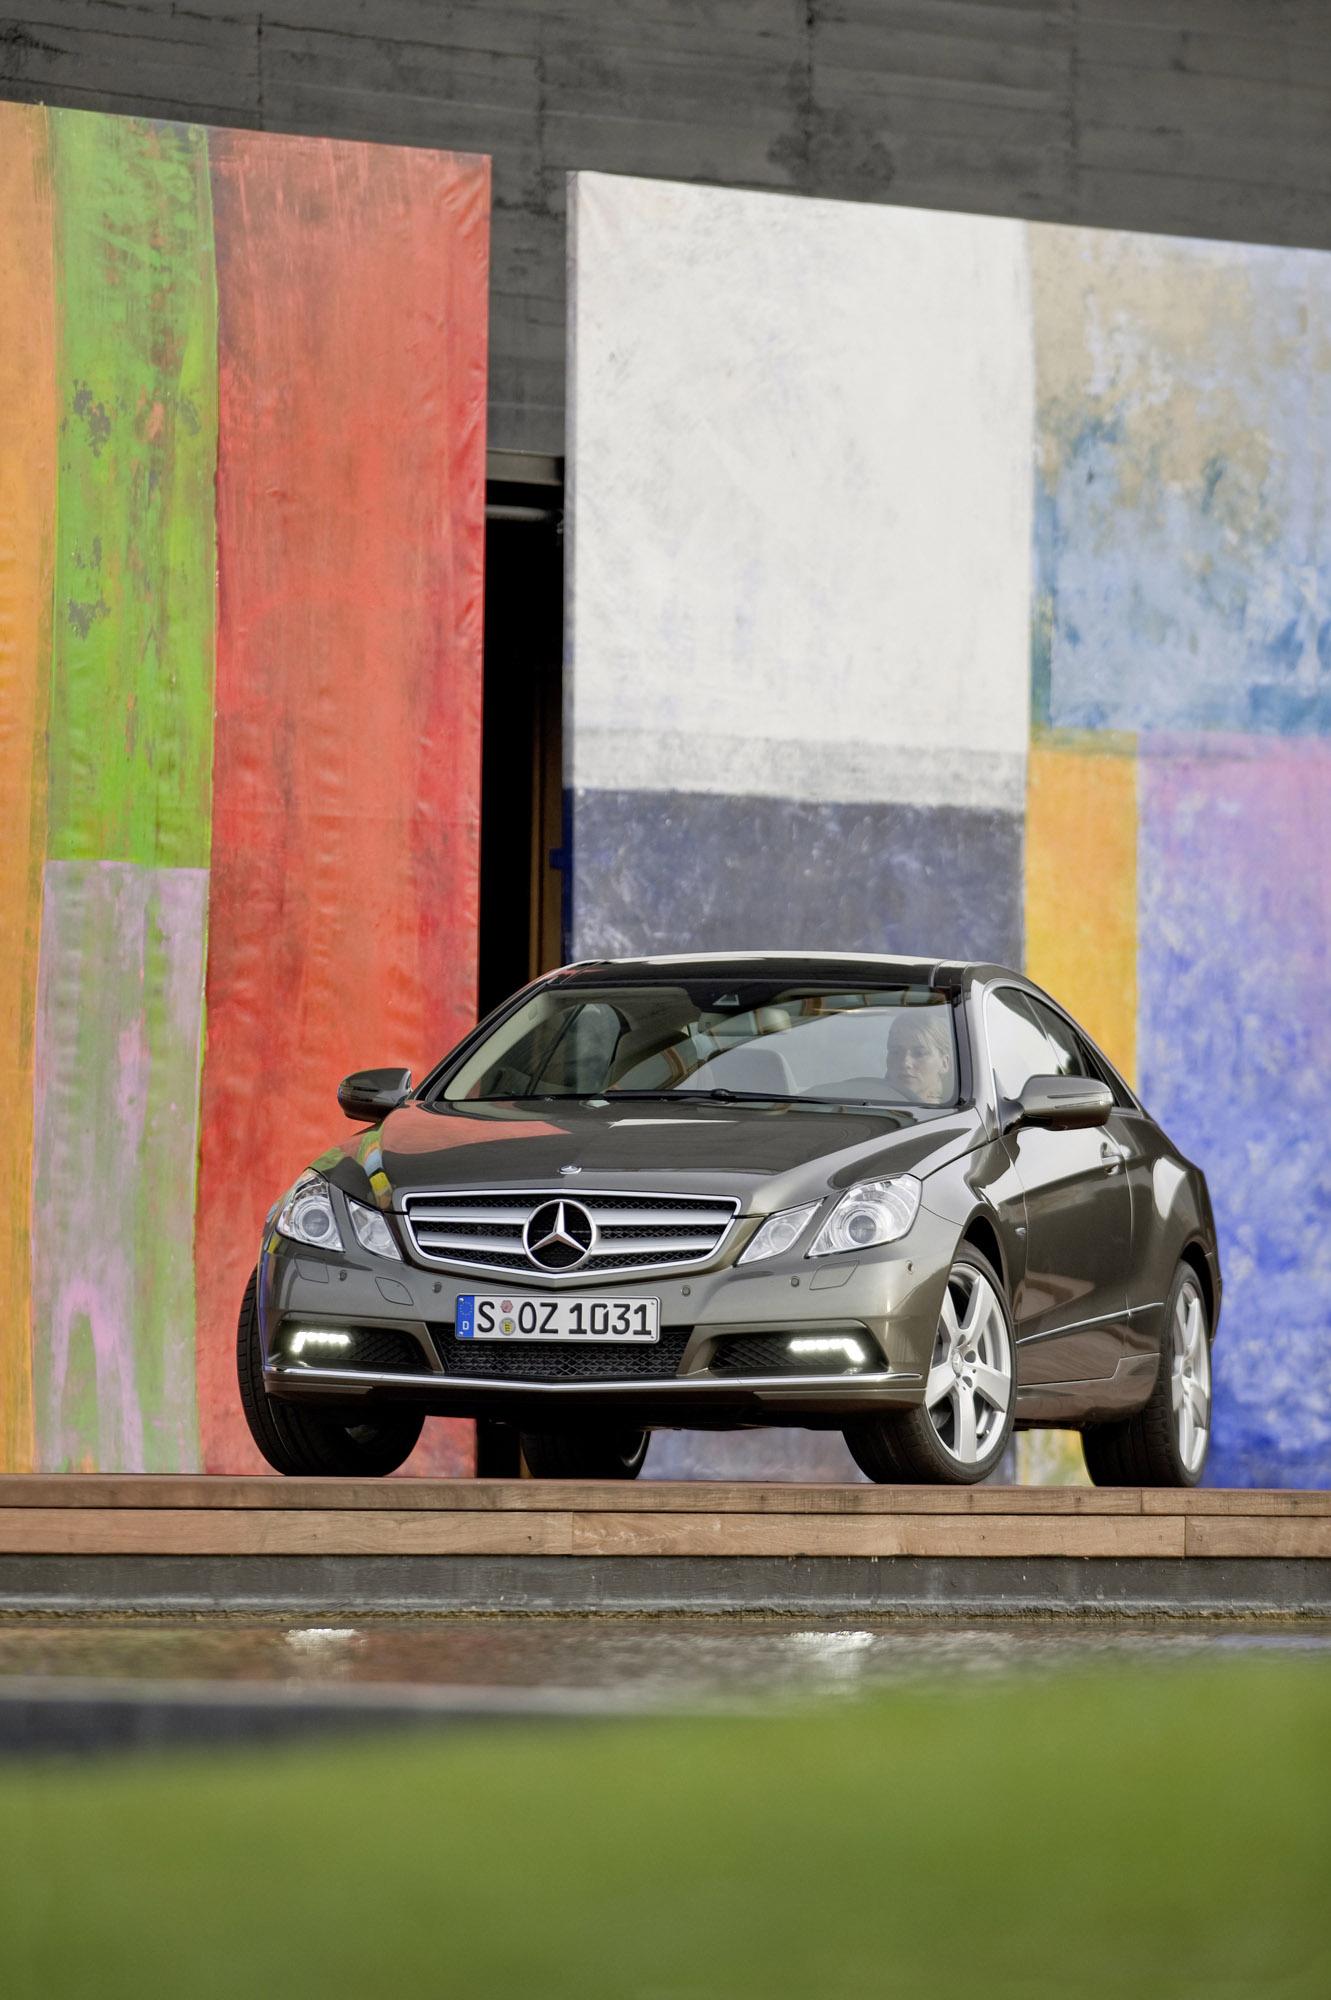 Mercedes-Benz E-350 CDI Coupe [фотографии автомобиля] - фотография №8